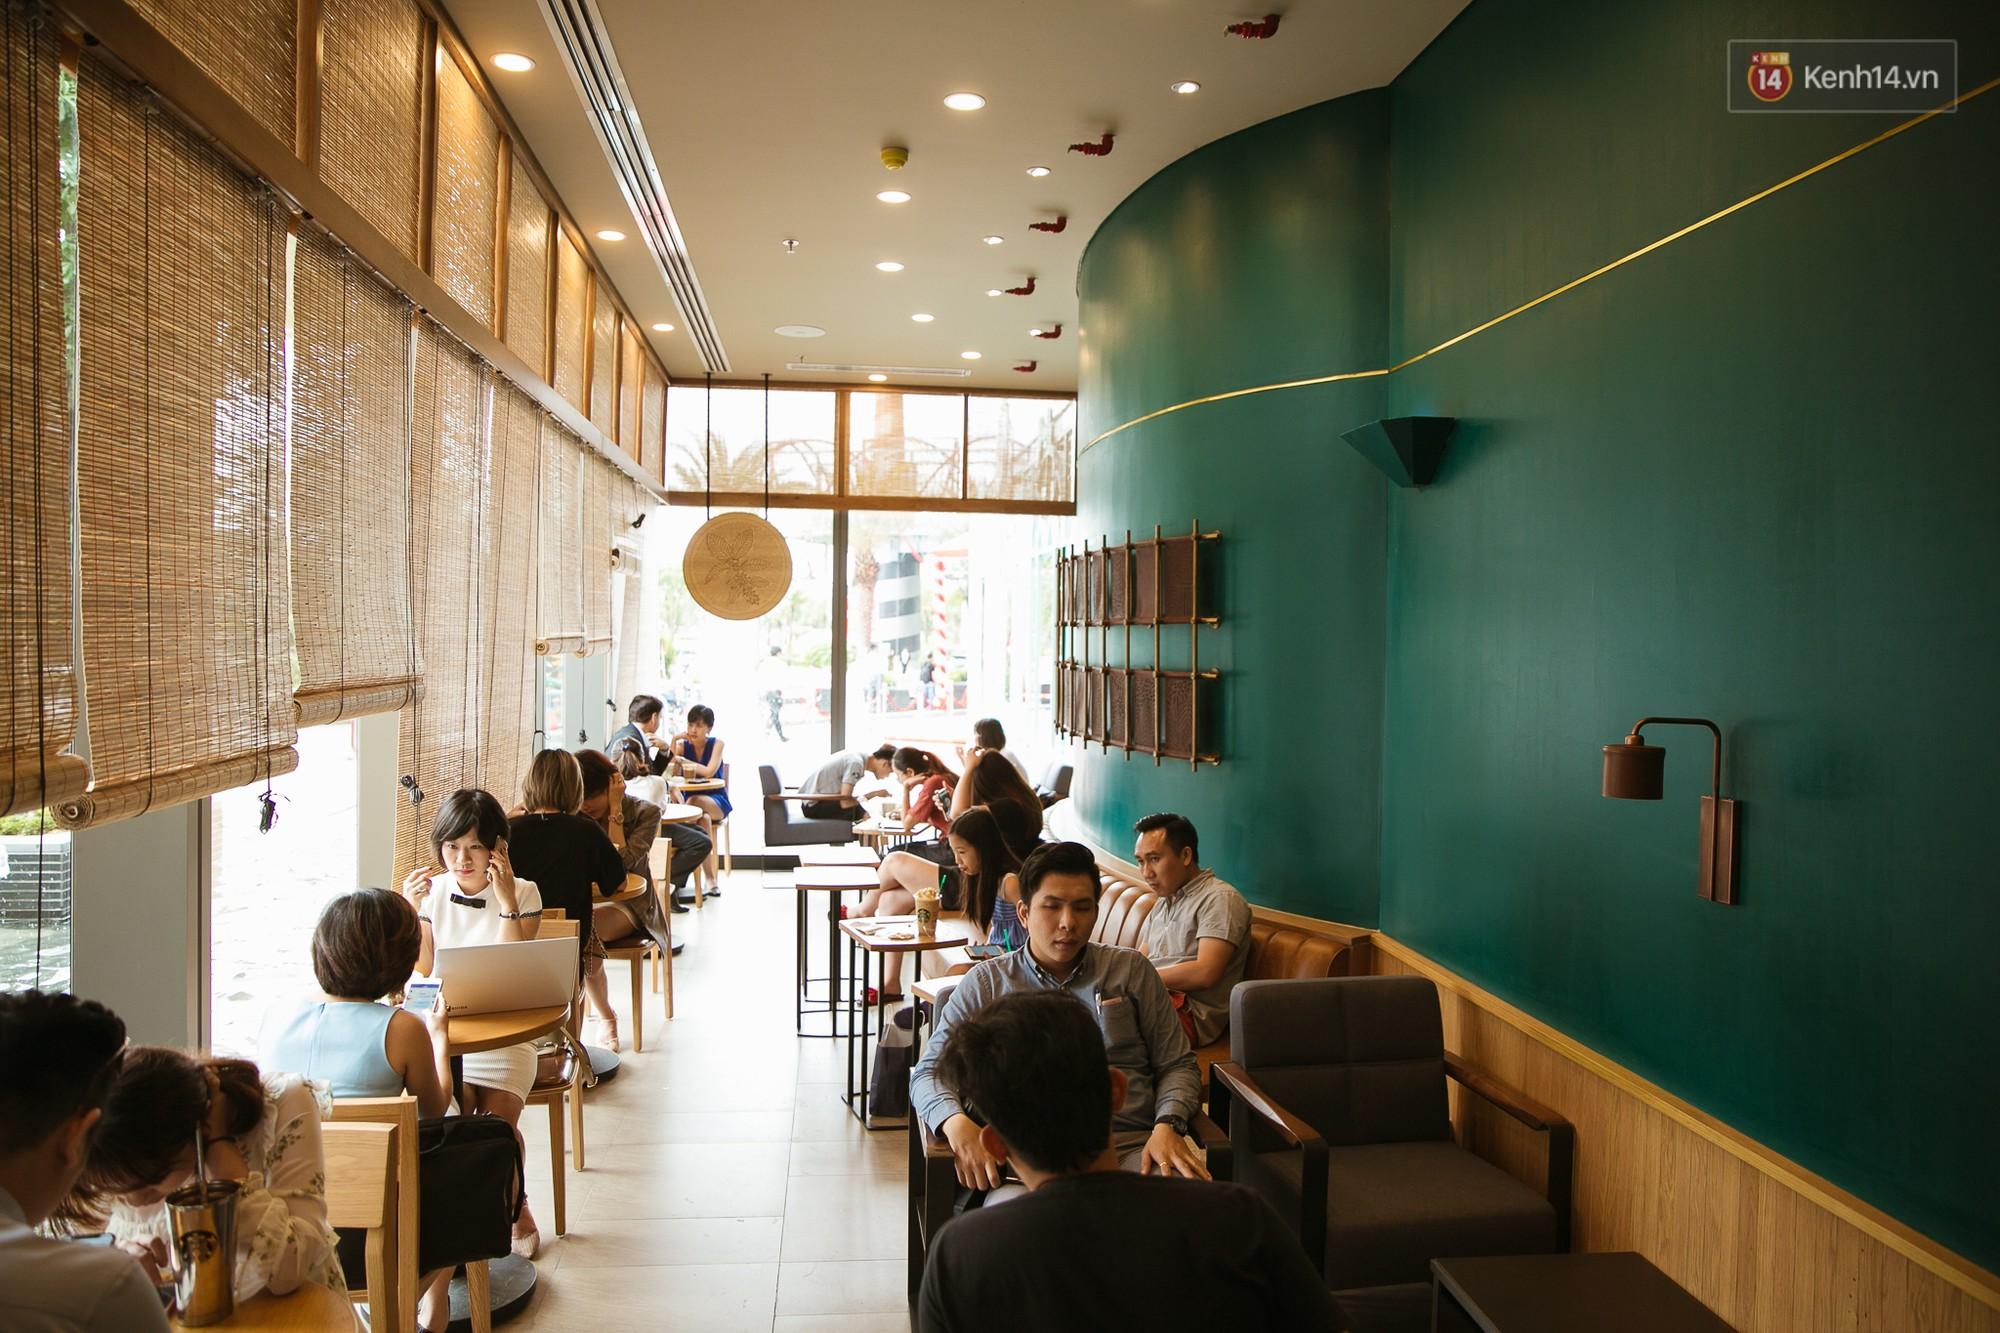 10 lí do khiến Landmark 81 chắc chắn sẽ trở thành thiên đường ăn chơi mới của giới trẻ Sài Gòn - Ảnh 23.